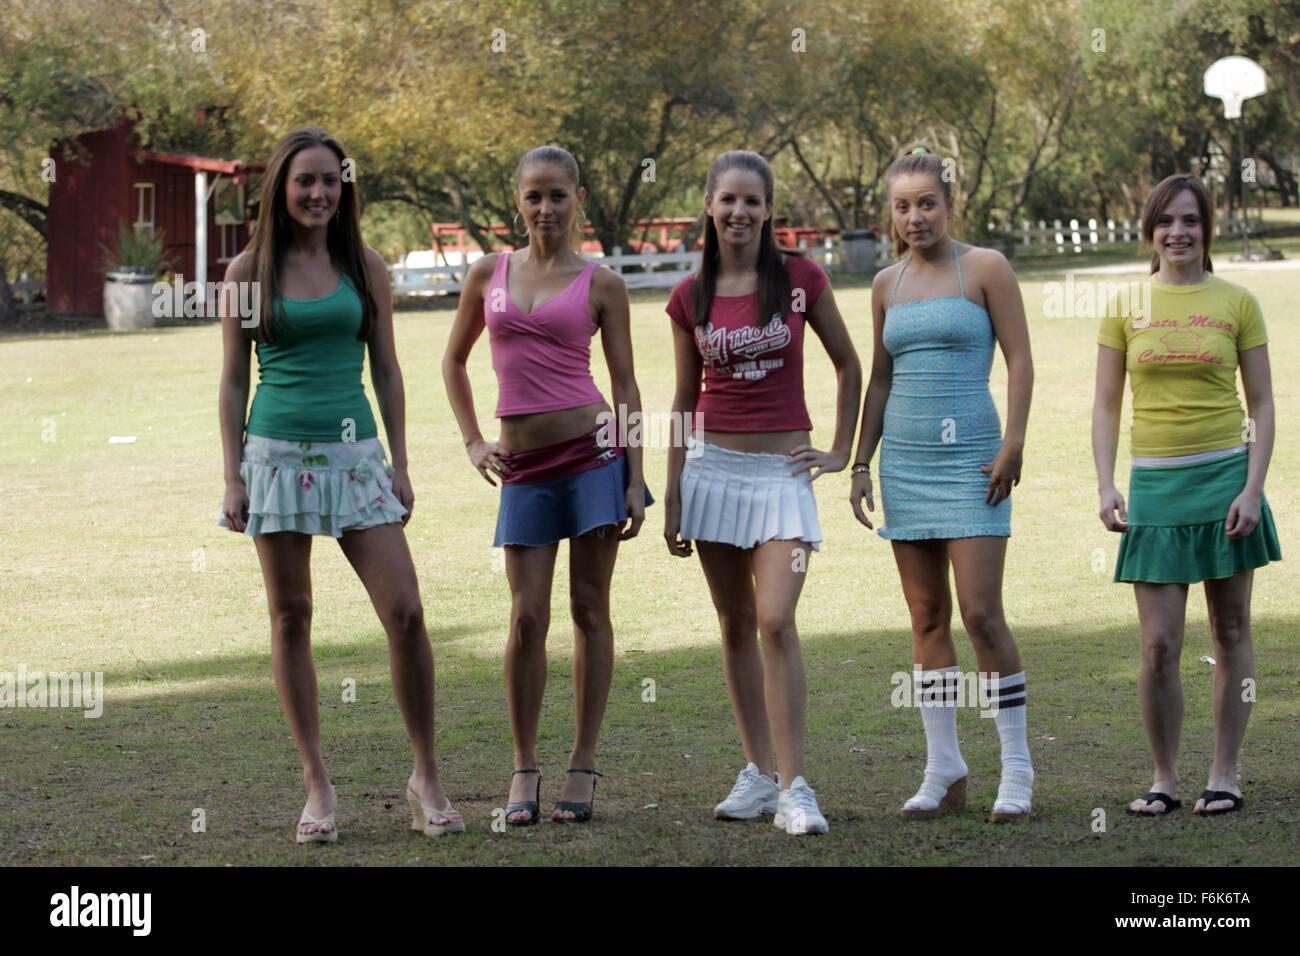 American Pie Campamento De Bandas lanzado: dec 26, 2005. título de la película: american pie